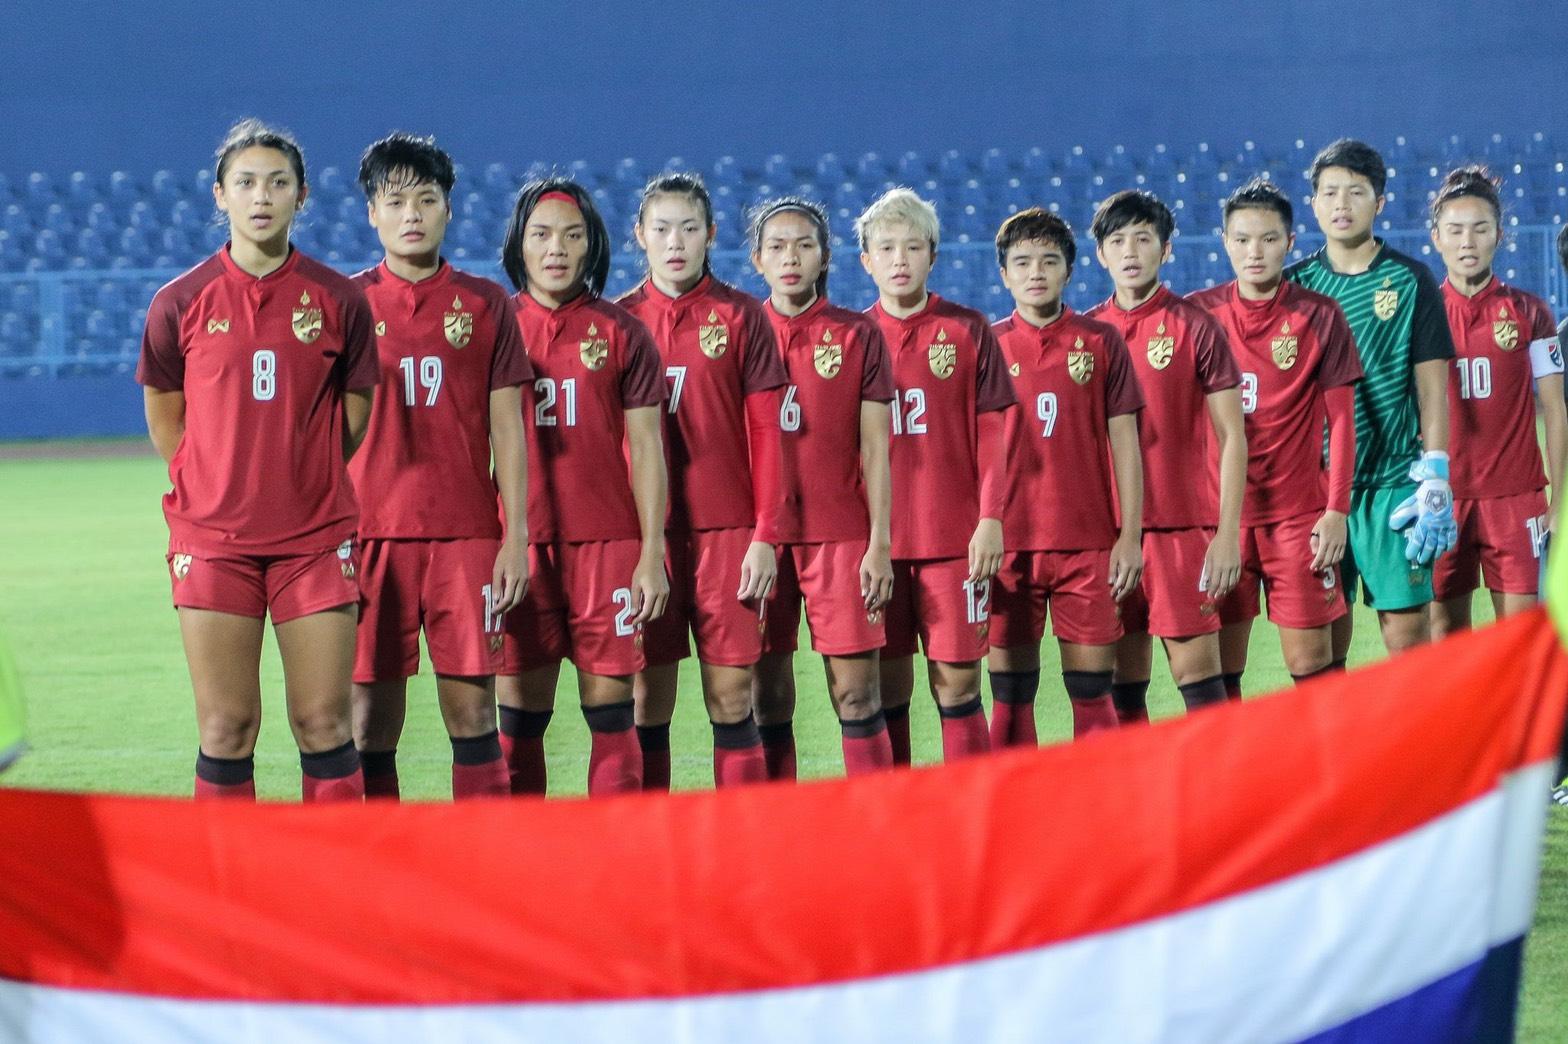 ชบาแก้ว ฟุตบอลหญิงทีมชาติไทย ไซปรัส คัพ 2019